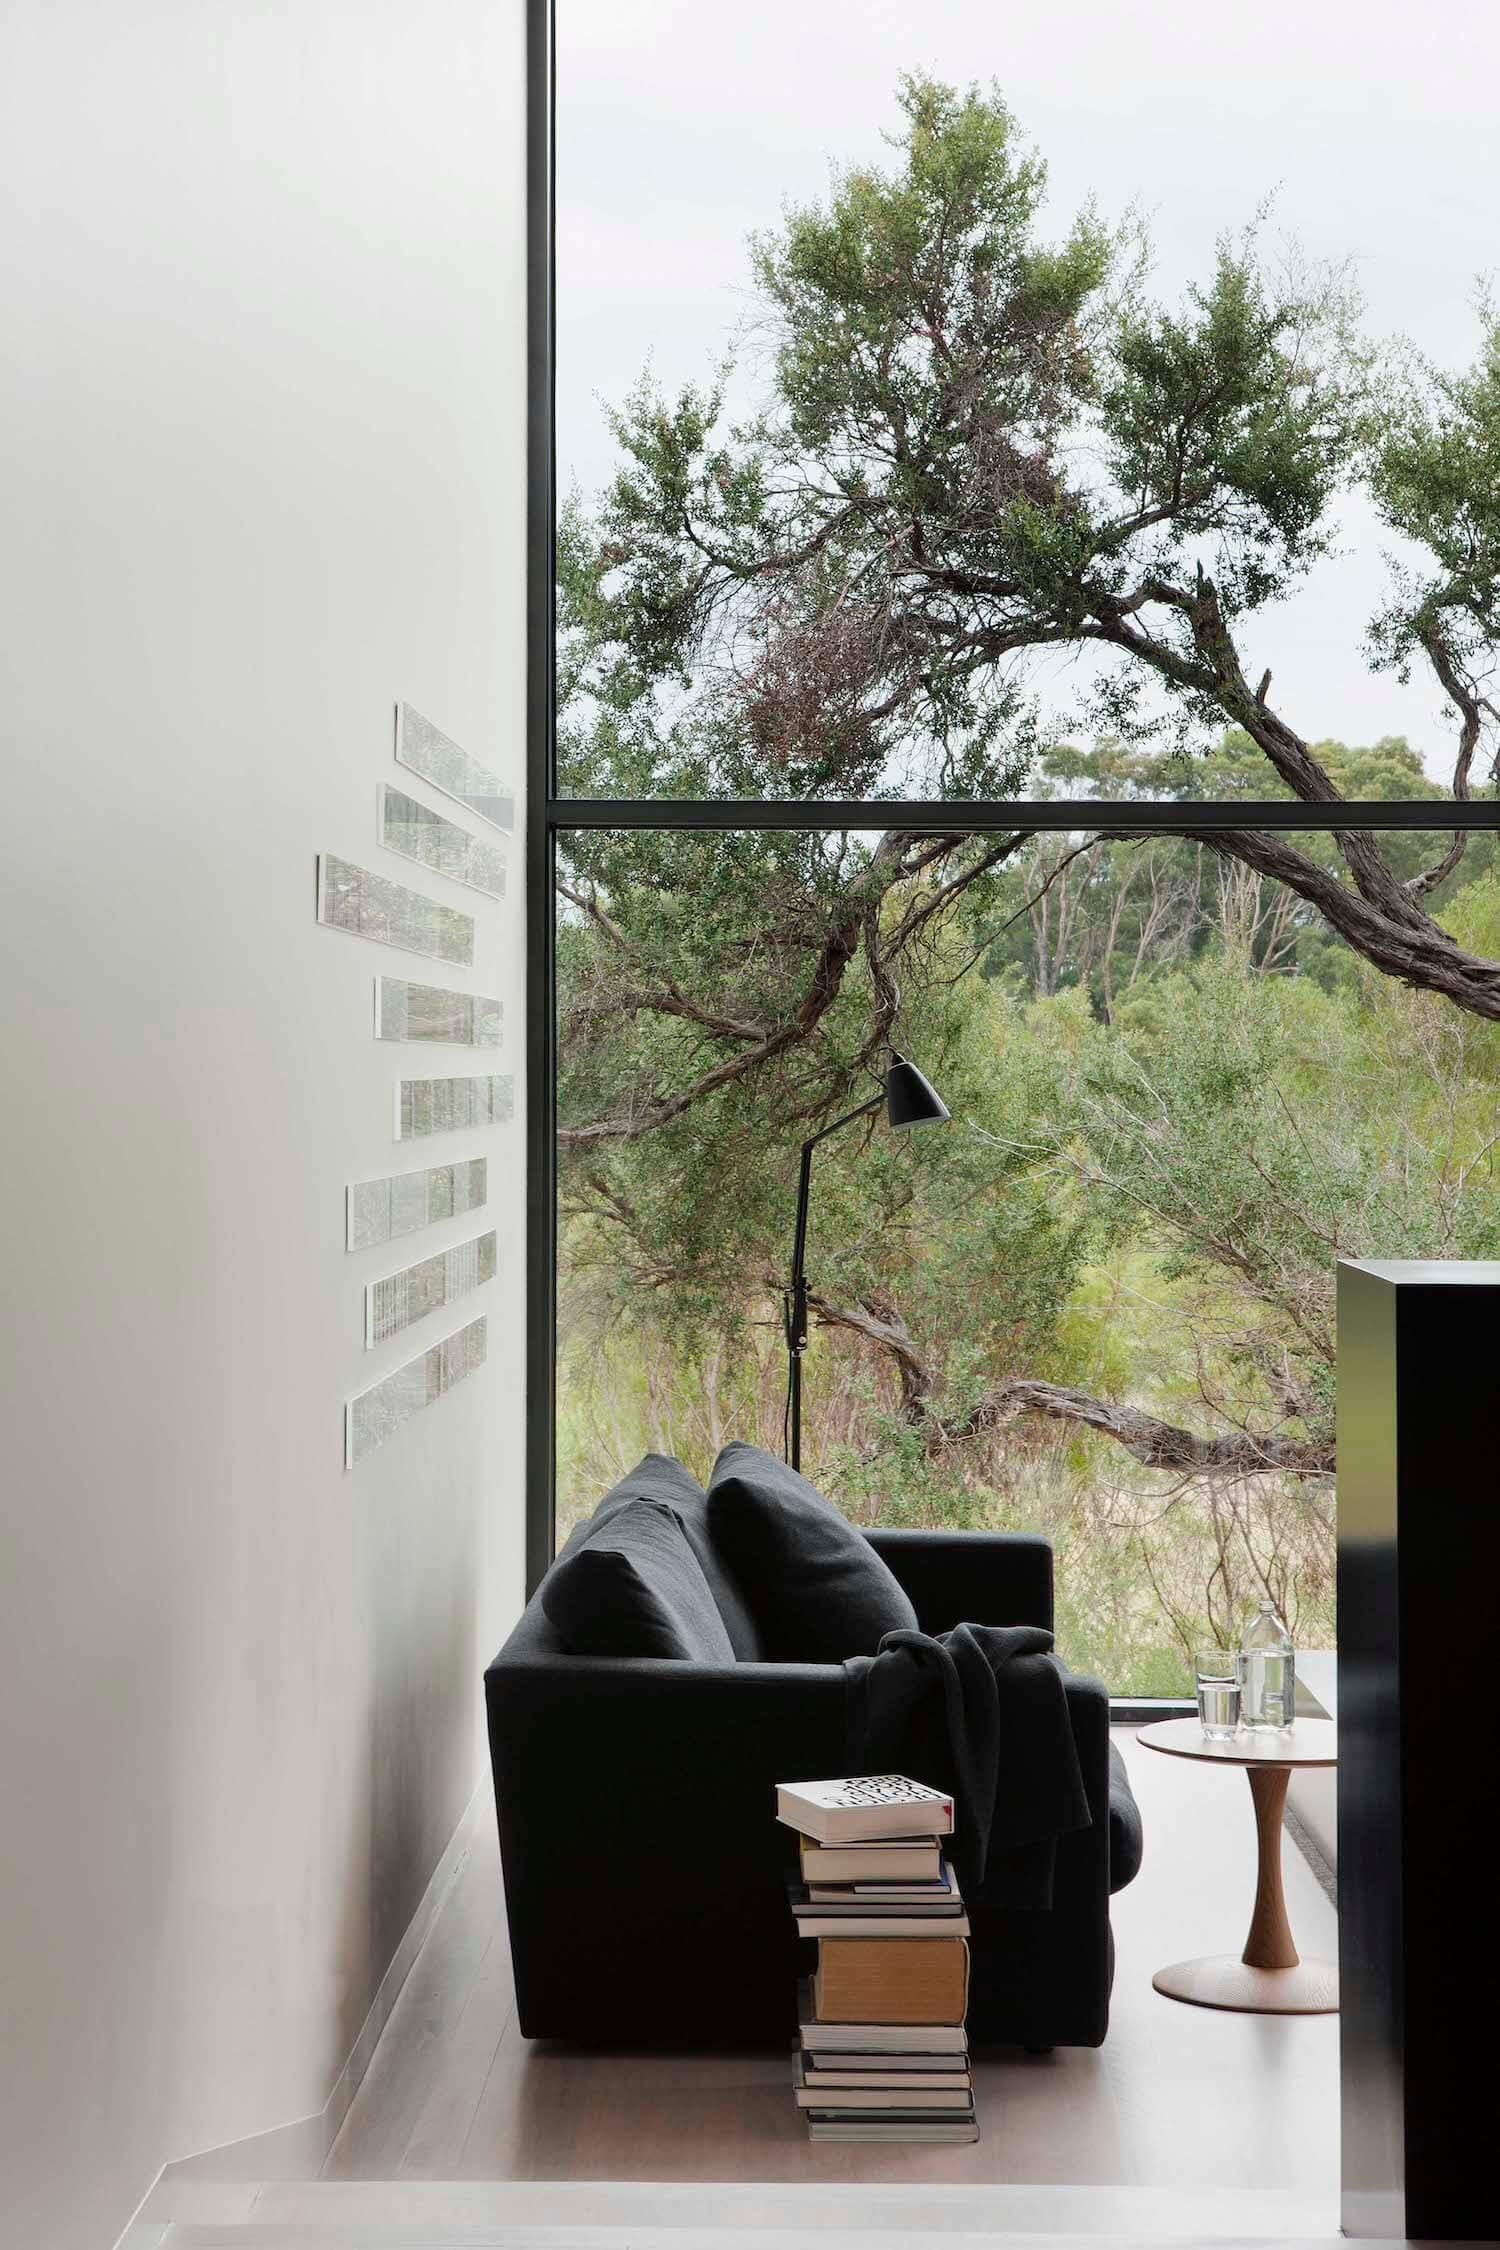 est living australian interiors studiofour ridge road residence image 08